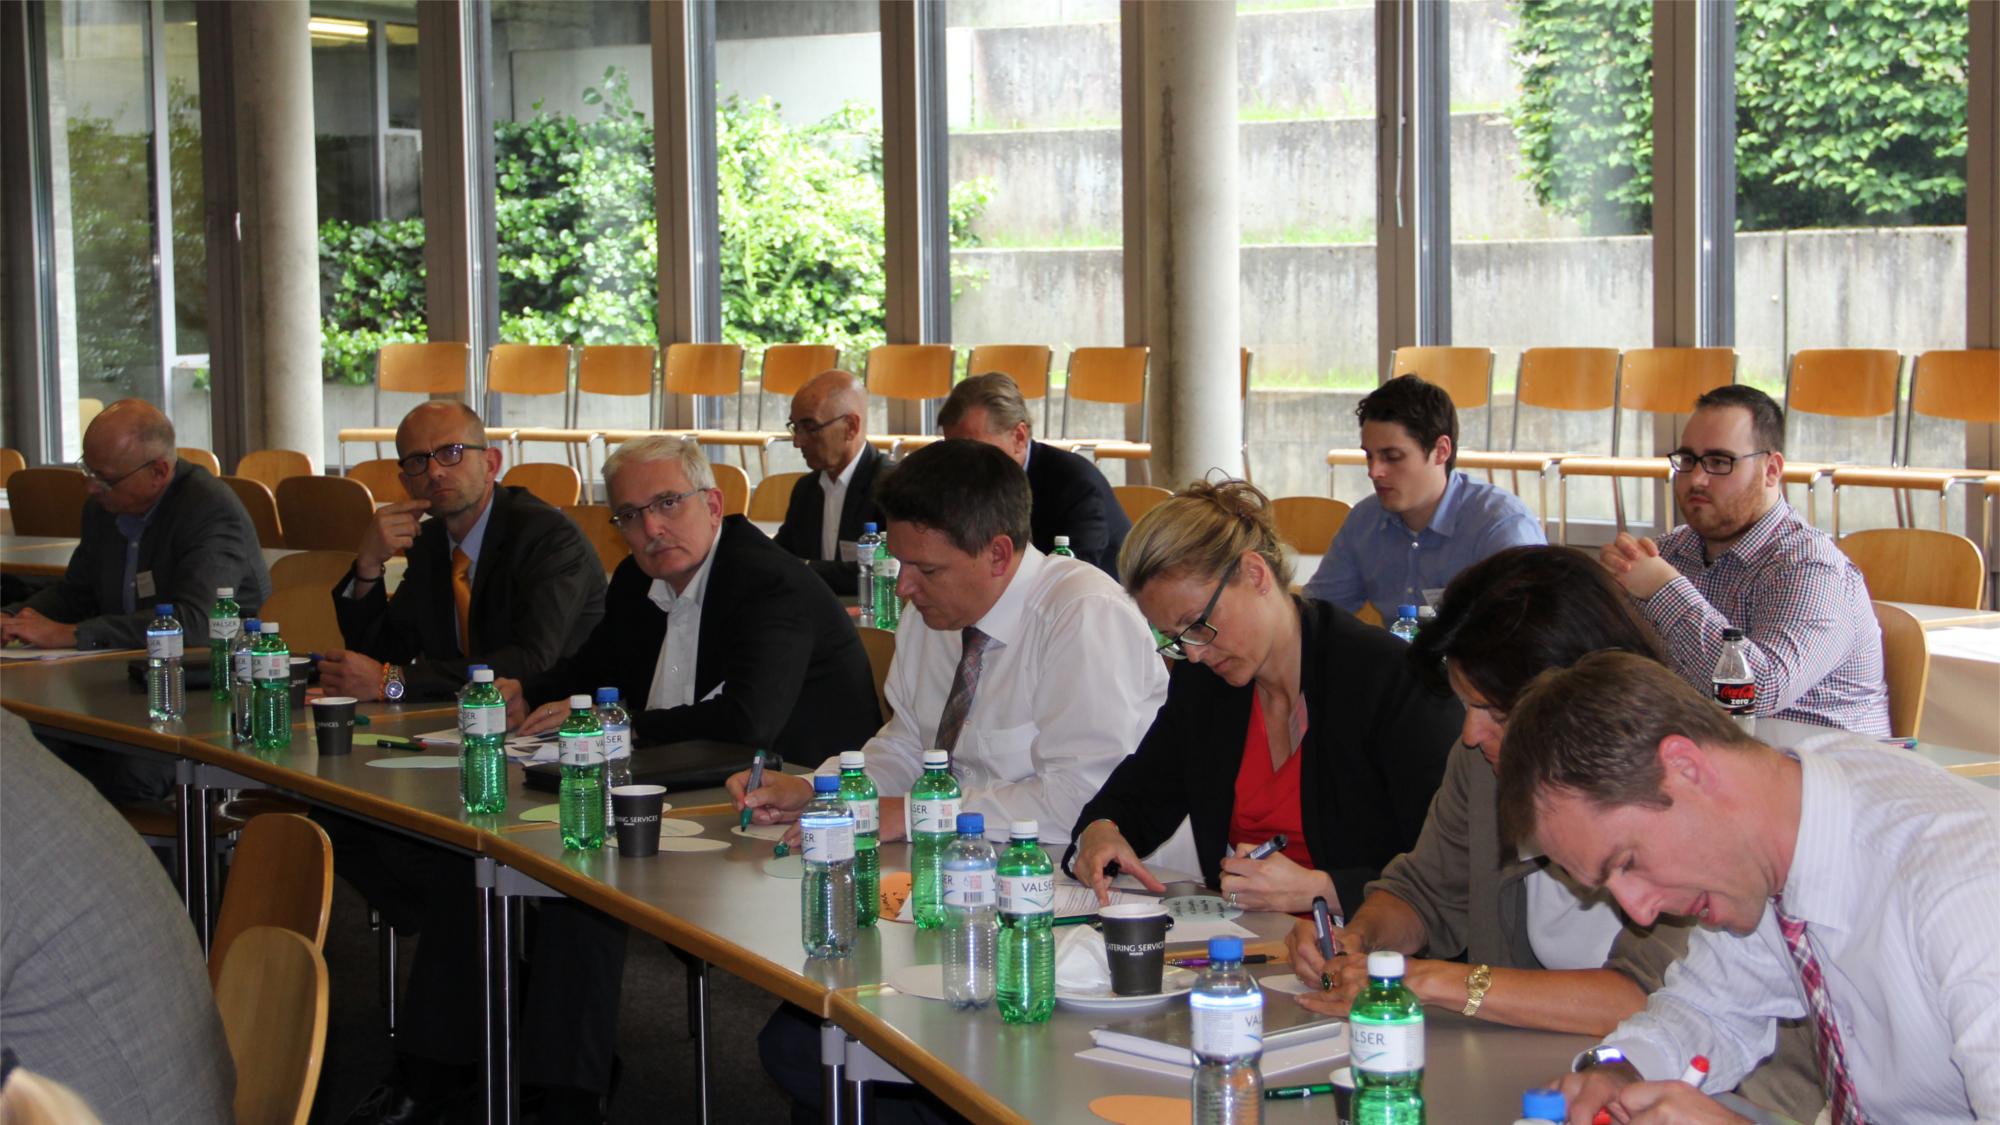 TeilnehmerInnen während eines Vortrags